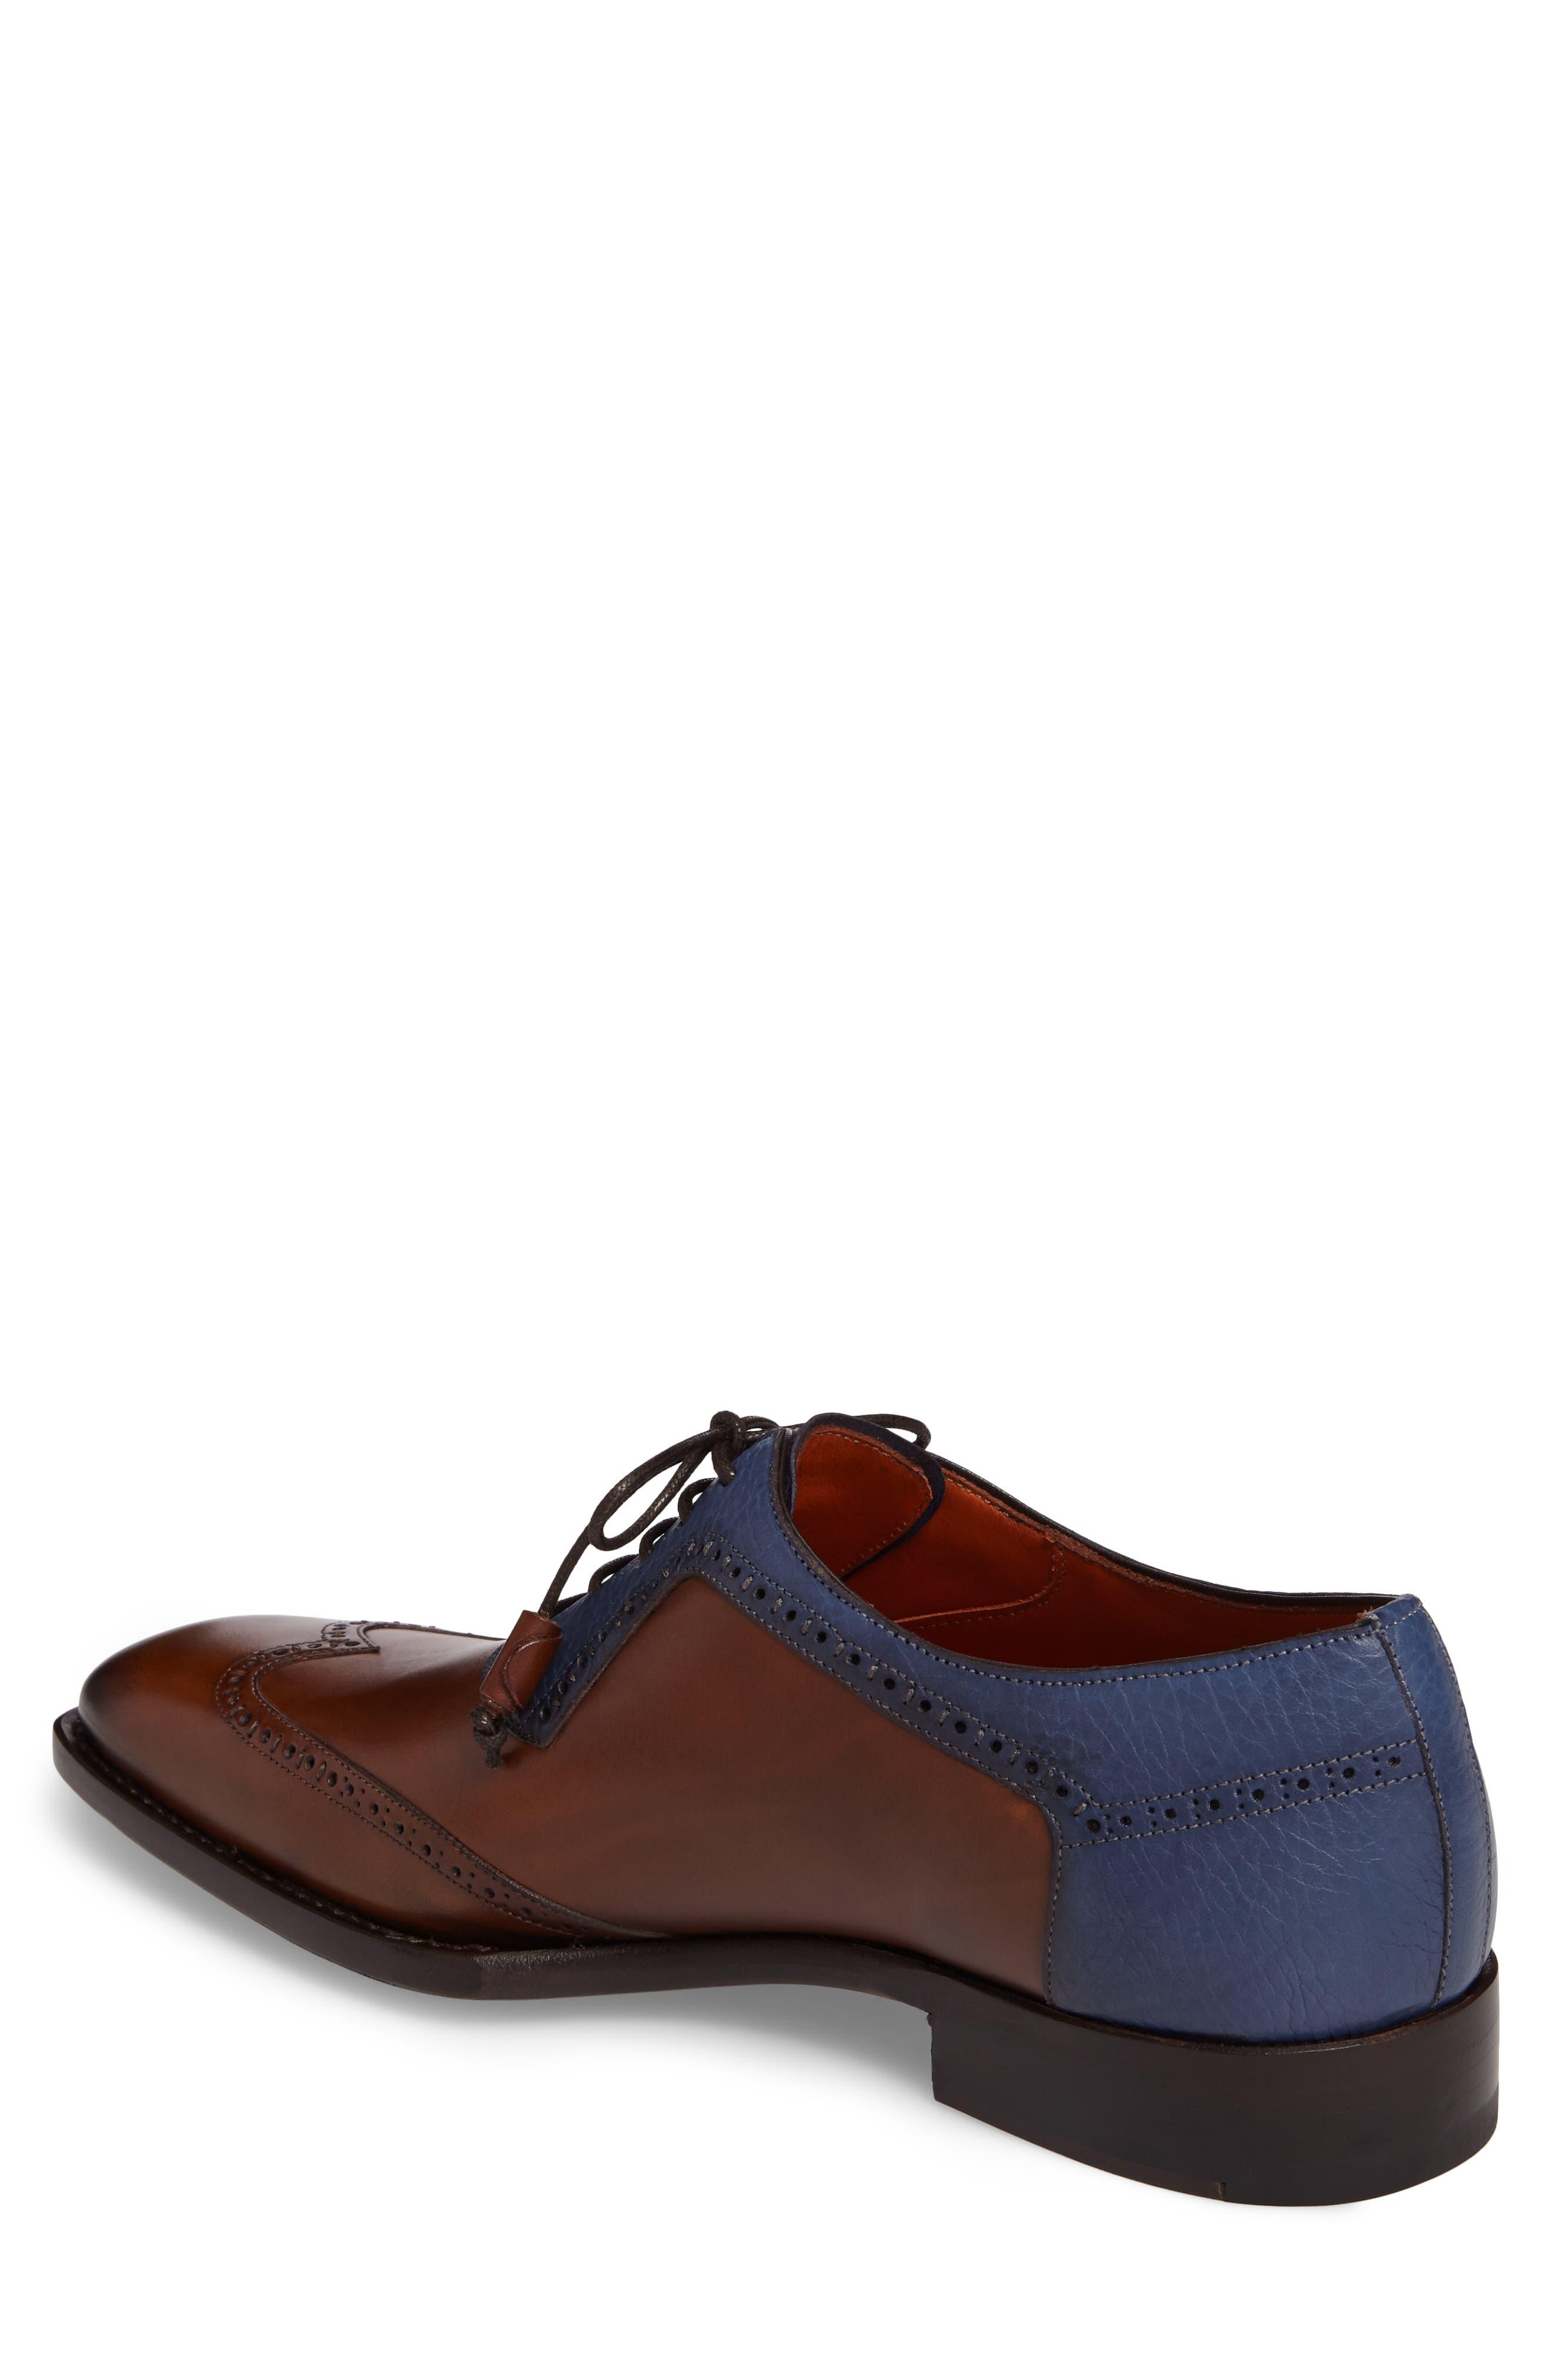 Conil Wingtip,                             Alternate thumbnail 2, color,                             Cognac/ Blue Leather